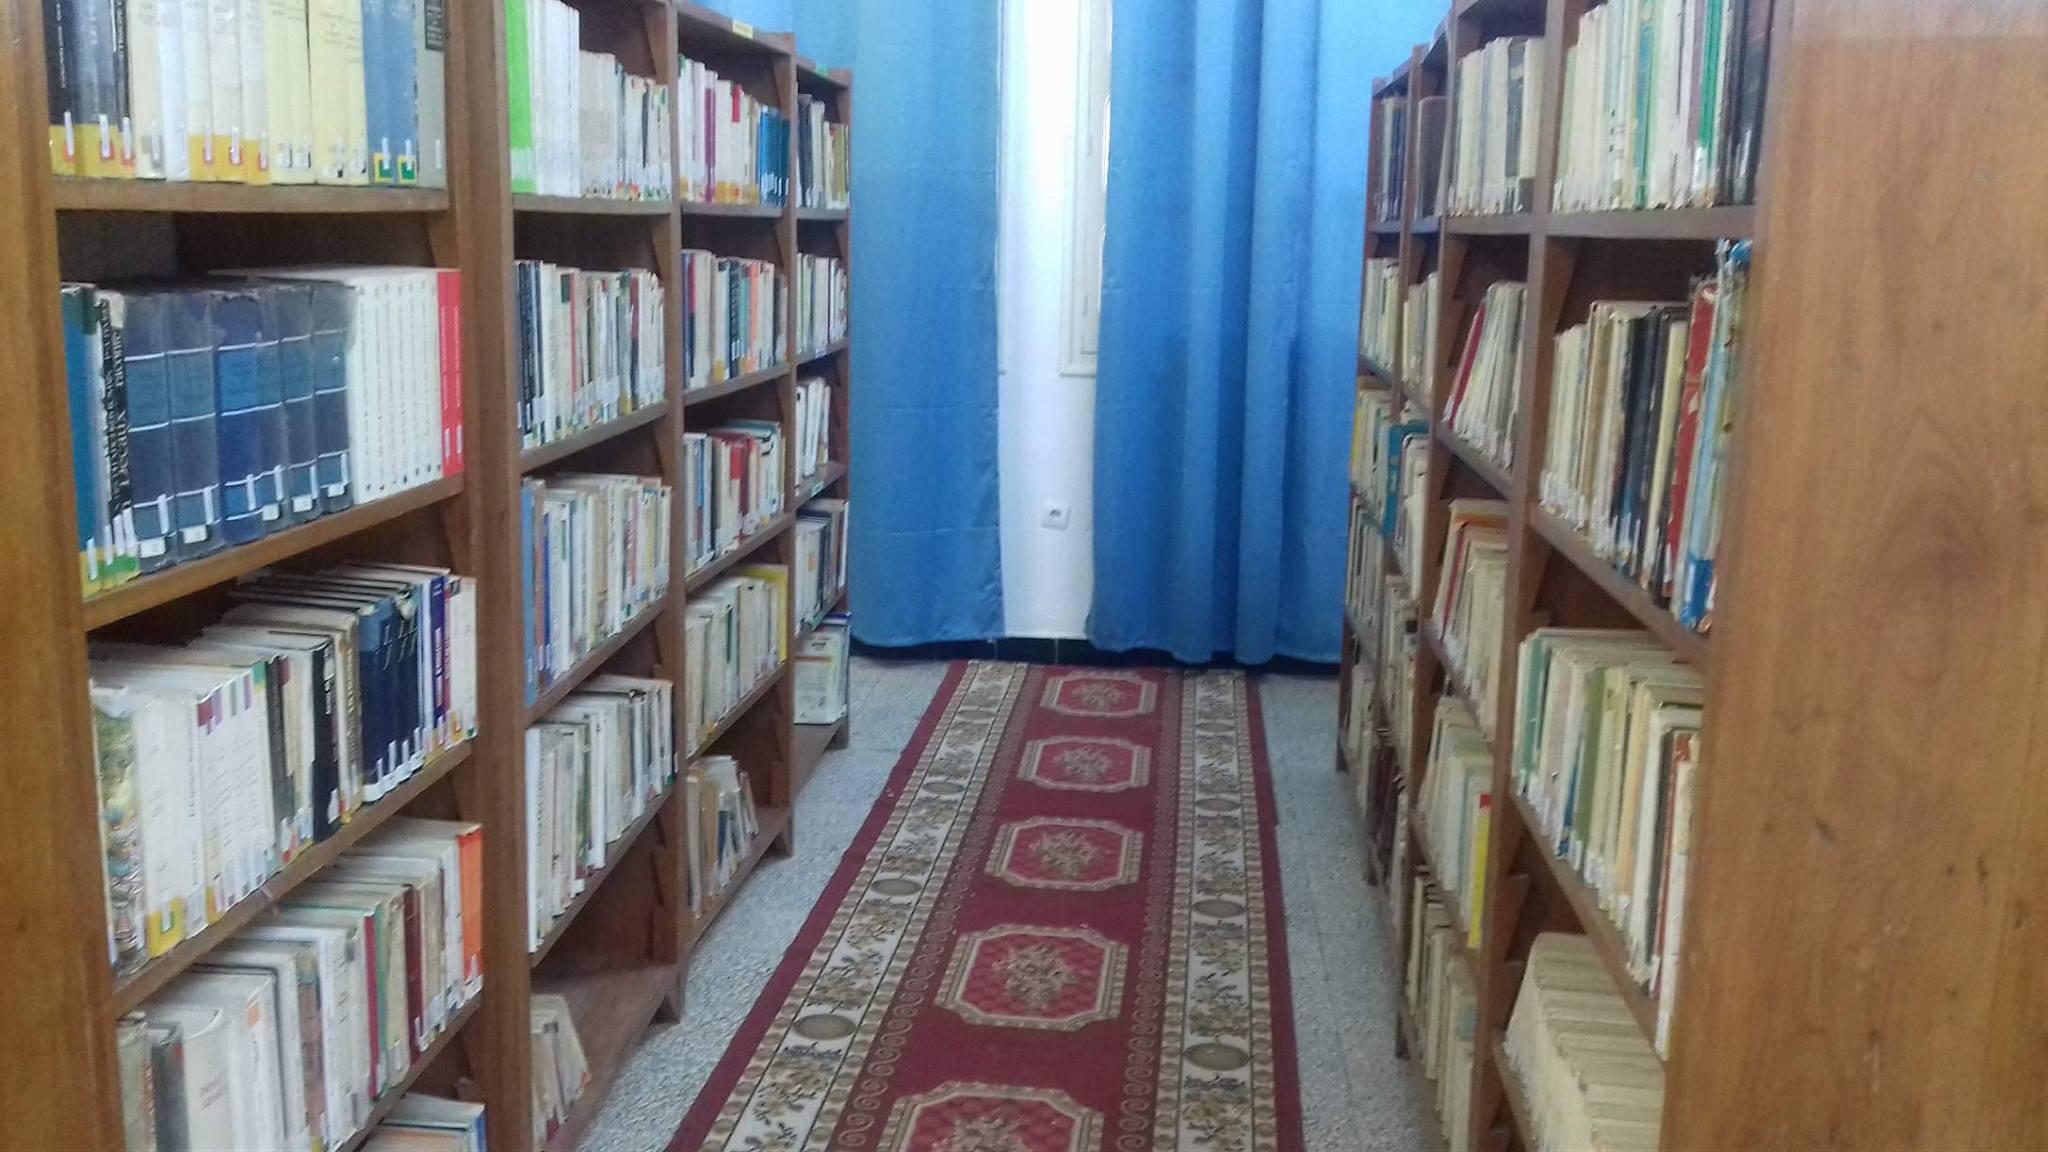 تركيز مكتبة بالقاعدة العسكرية البحرية بصفاقس